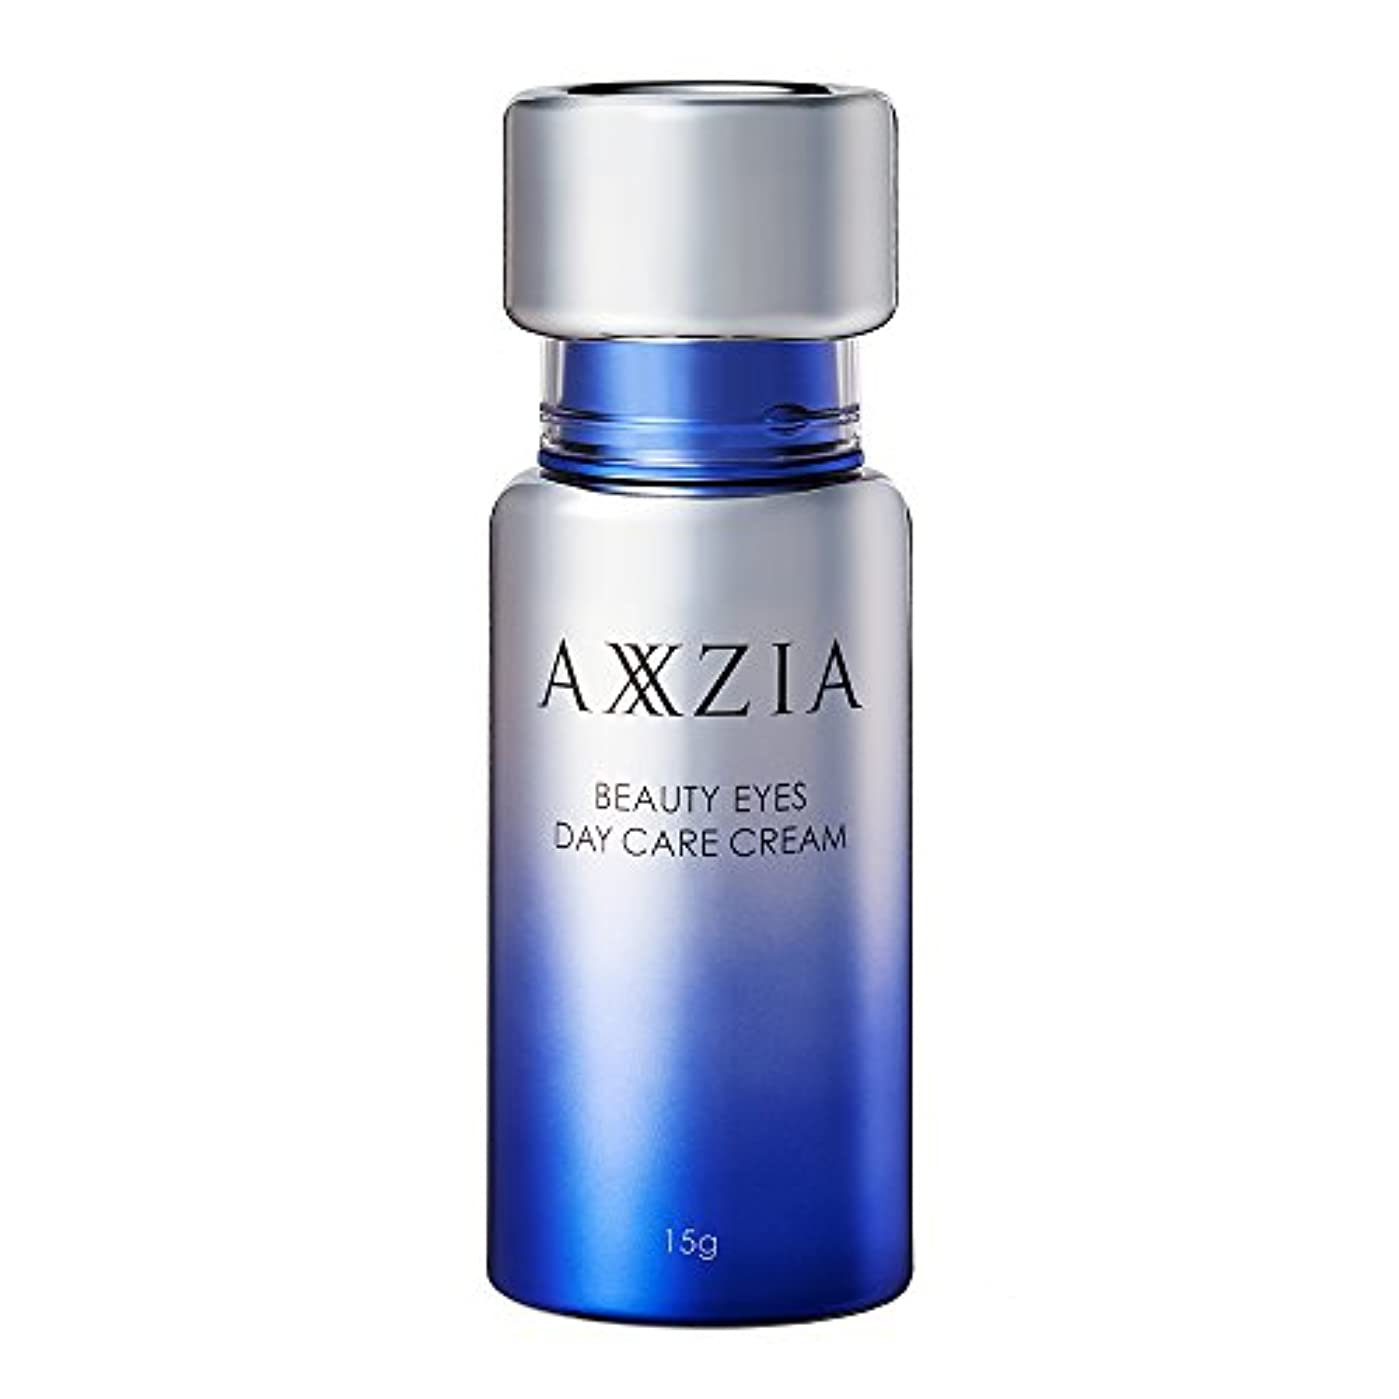 困った主流シーボードアクシージア (AXXZIA) ビューティアイズ デイ ケア クリーム 15g | アイクリーム 目の下のたるみ 化粧品 解消 目元のたるみ